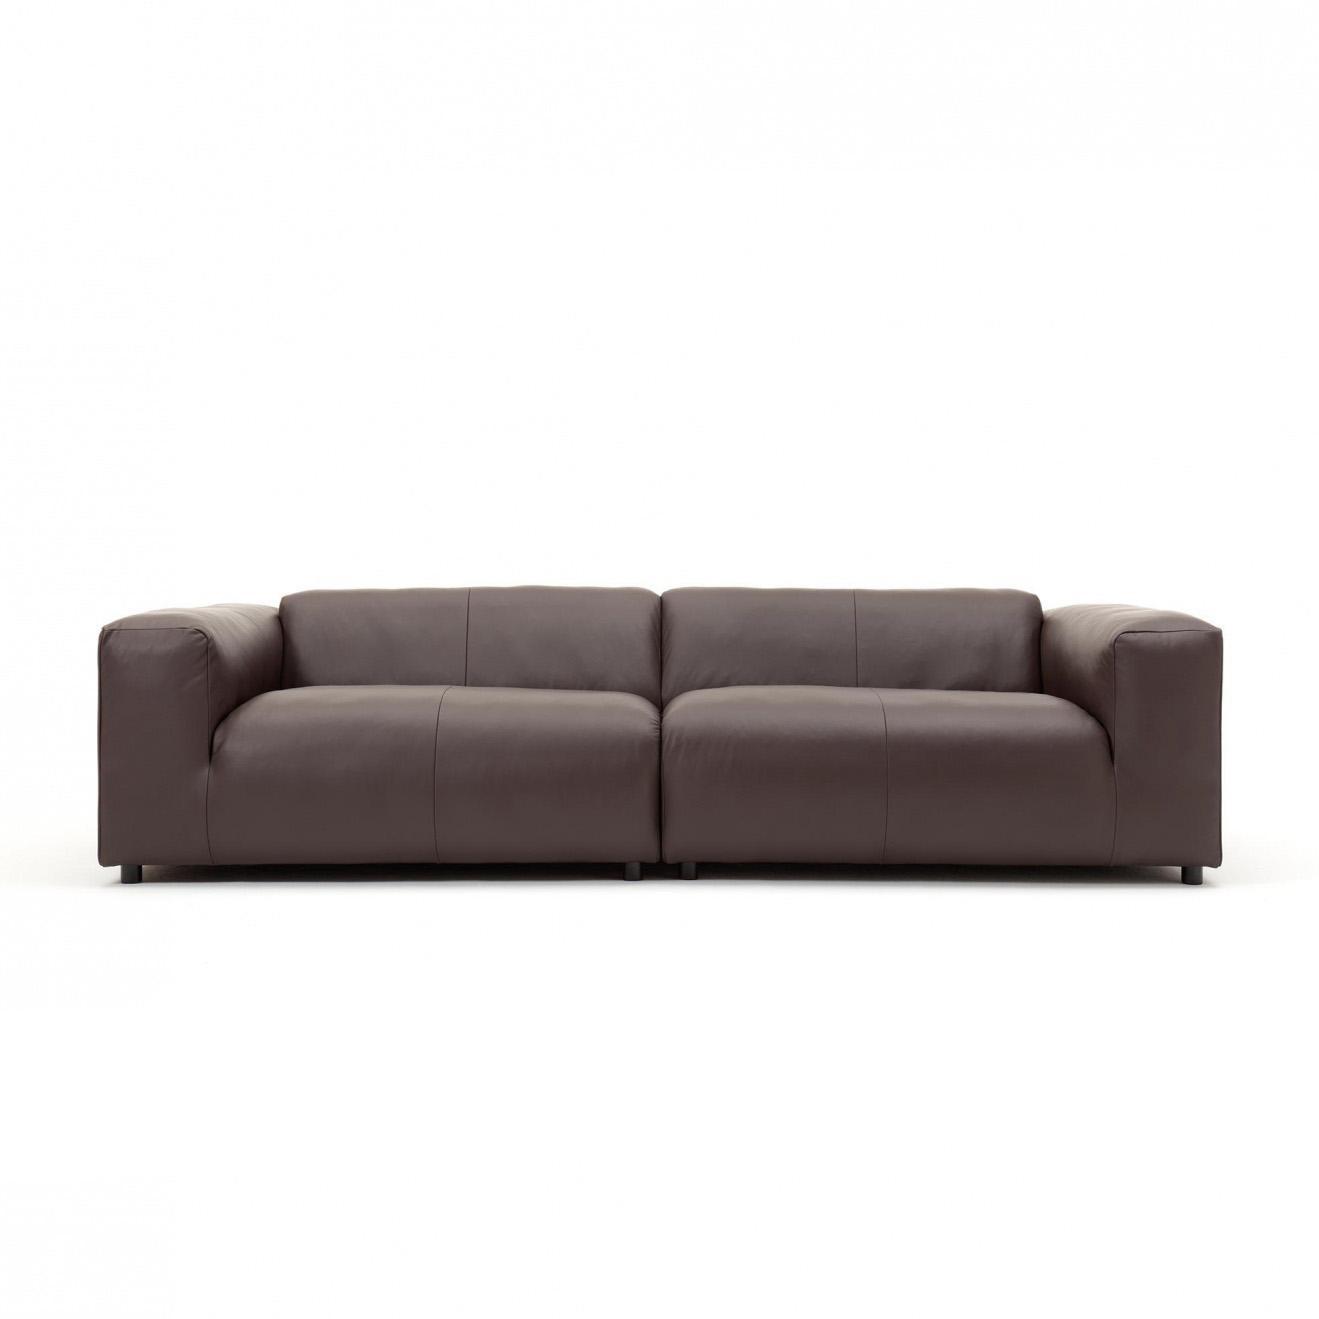 Freistil Rolf Benz 2 3 Sitzer Sofas Online Kaufen Möbel